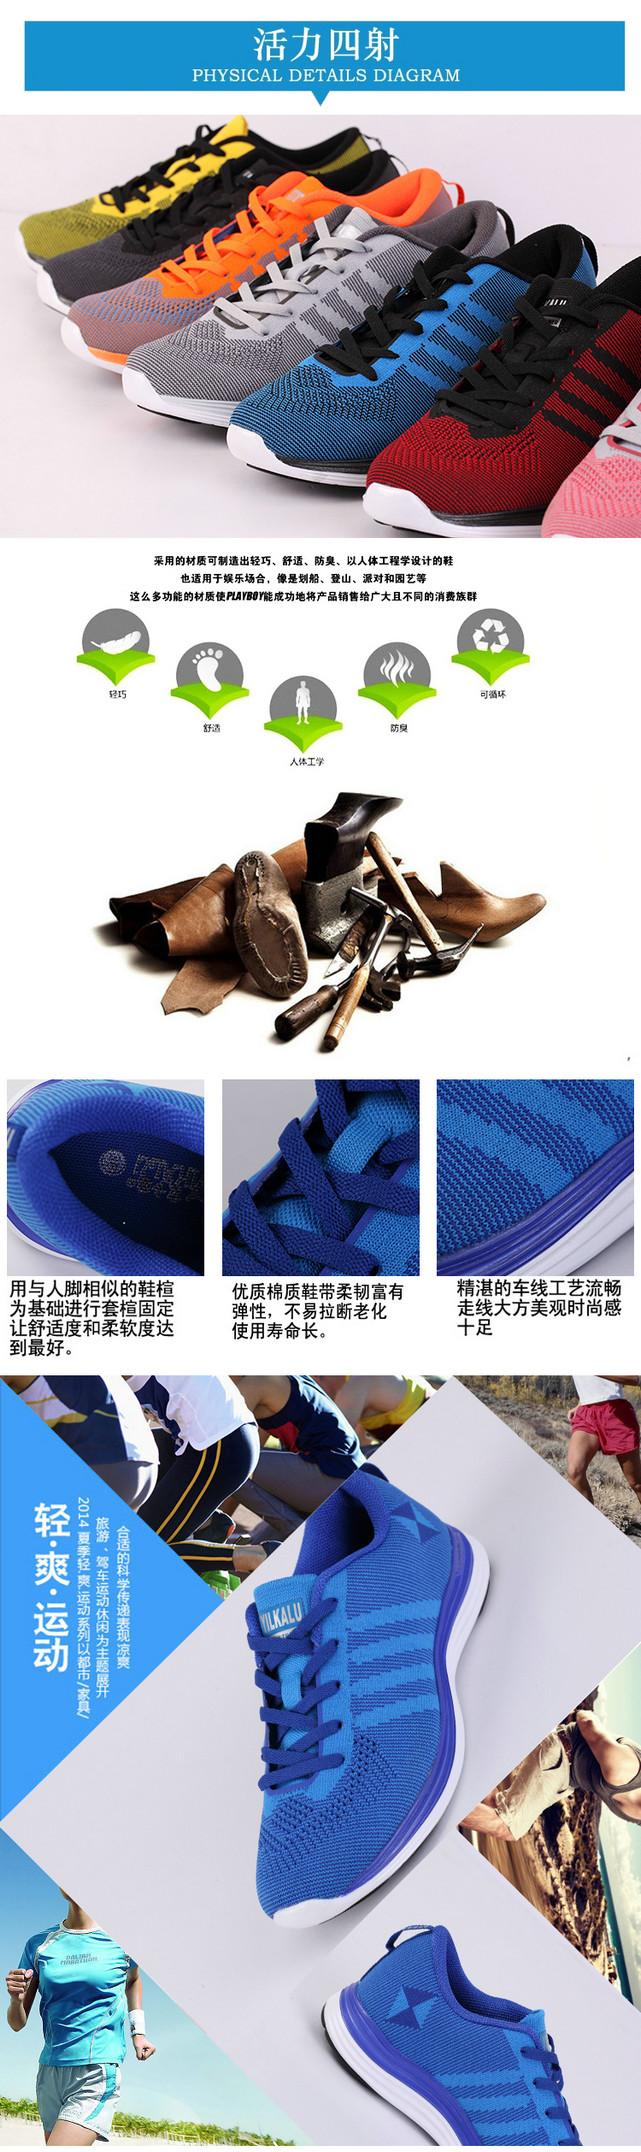 情侣款针织飞线跑鞋运动鞋